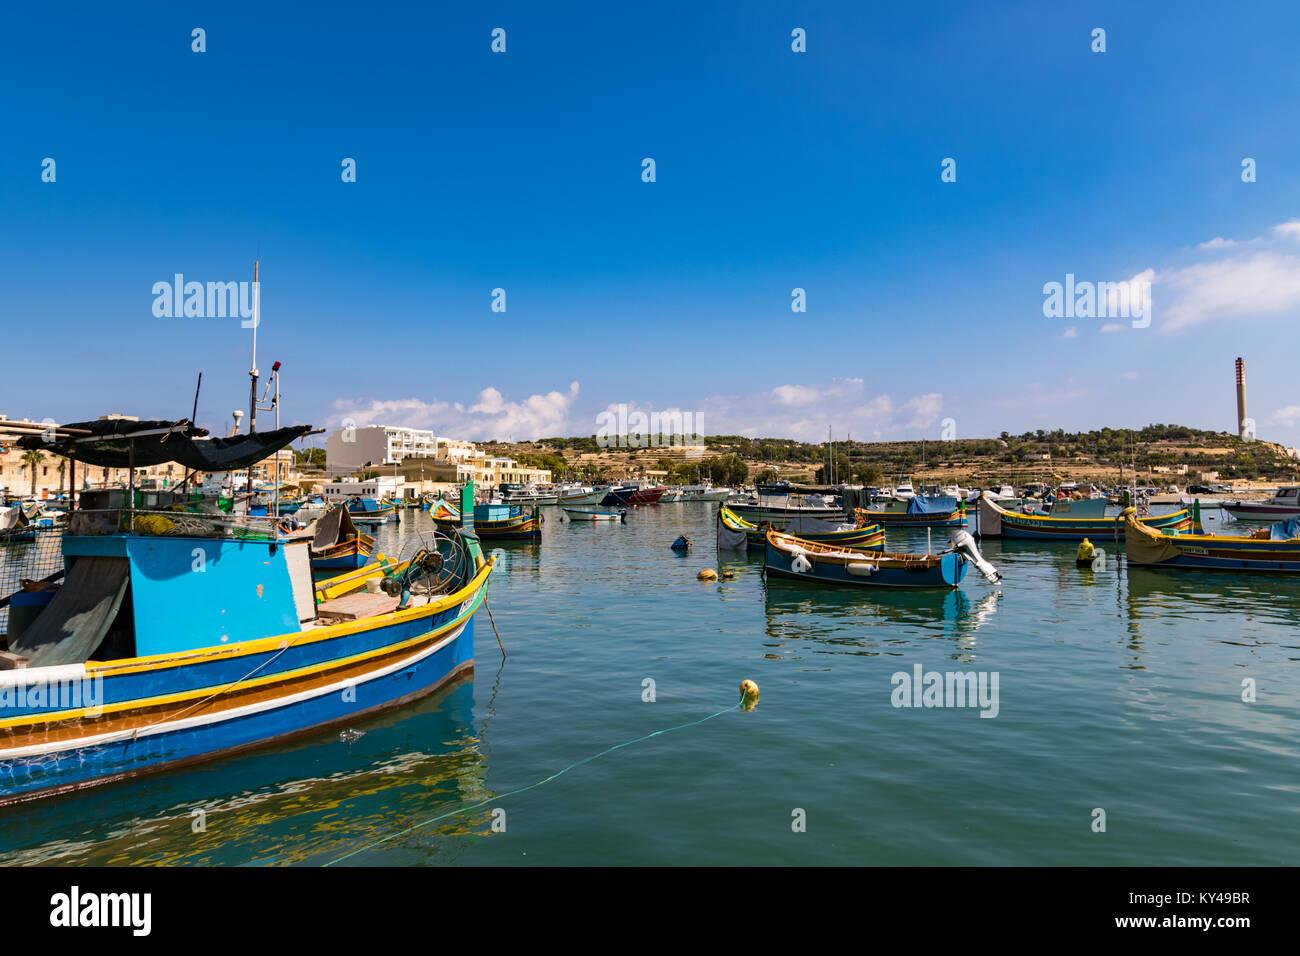 Das traditionelle Fischerdorf Marsaxlokk in der südöstlichen Region von Malta. Stockbild